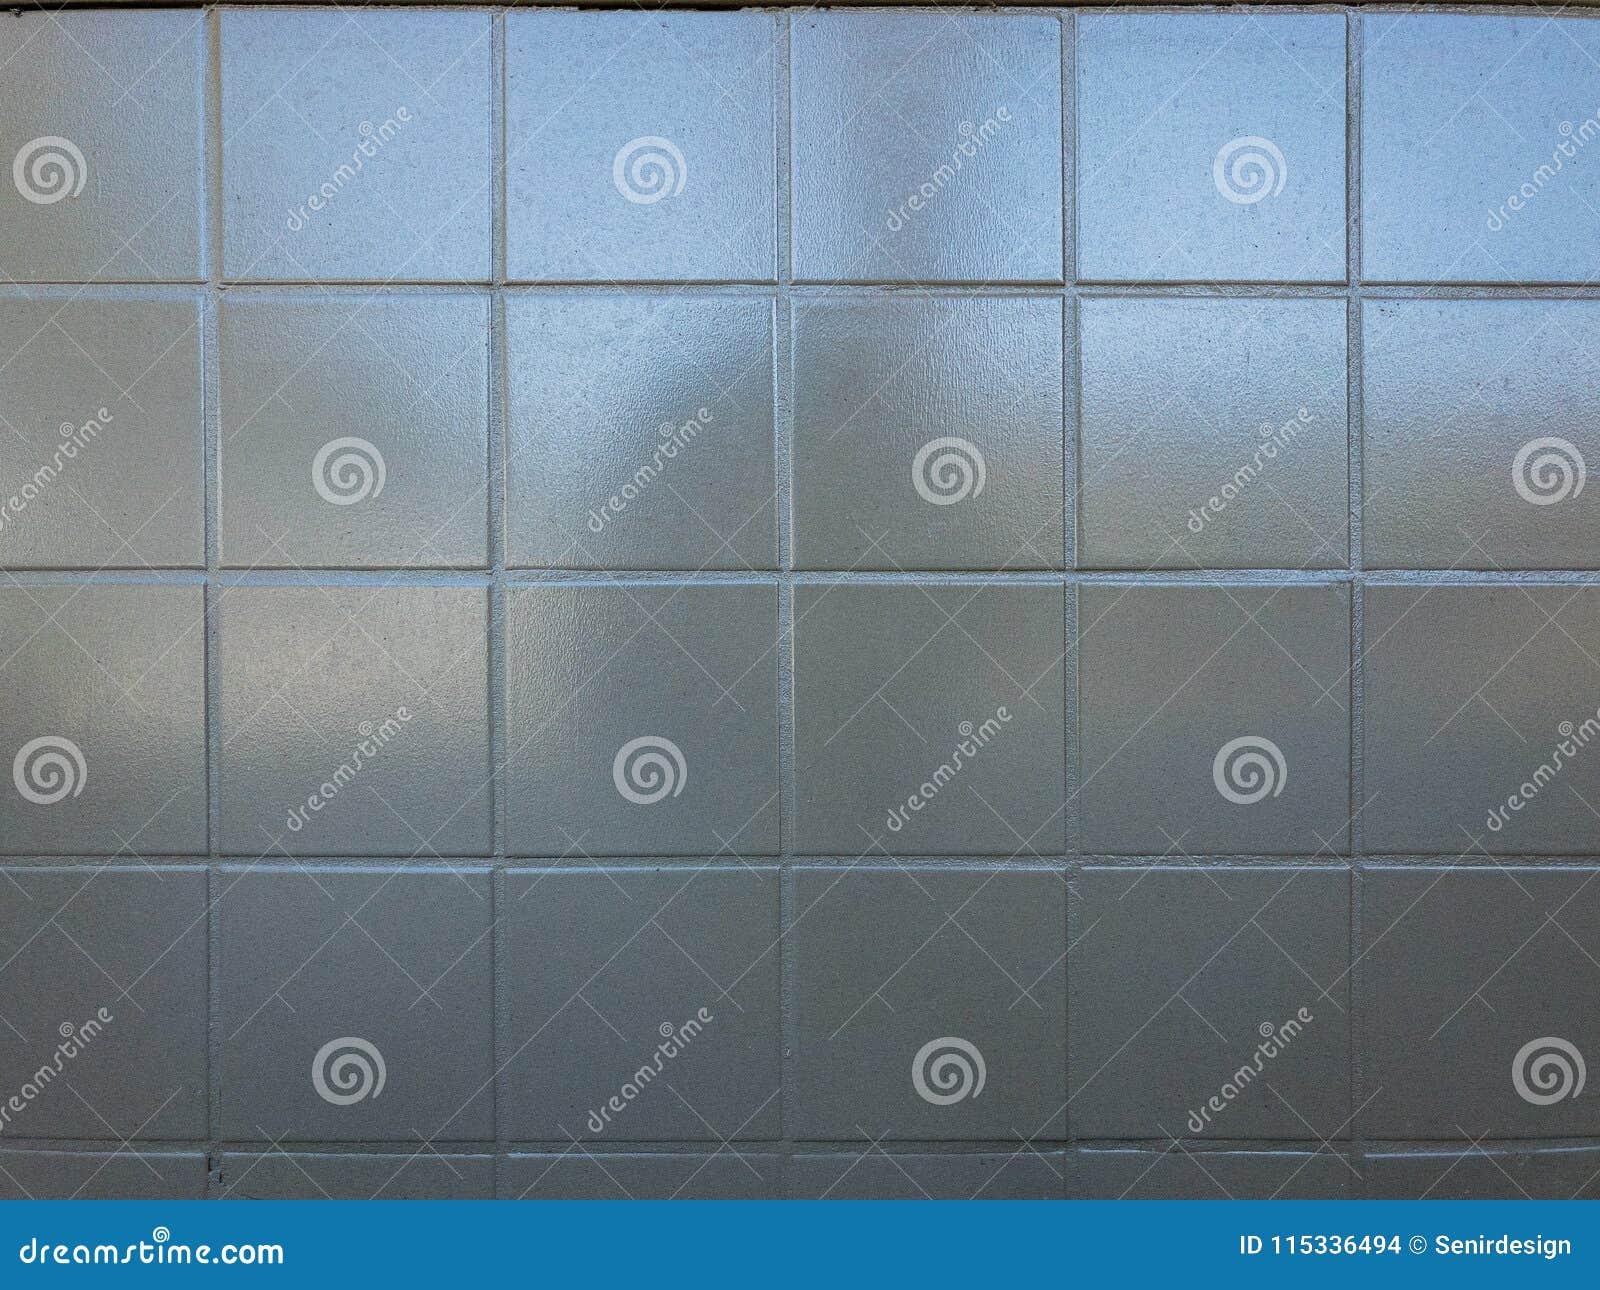 Shiny Modern Tile Background 0118 Stock Photo - Image of backdrop ...